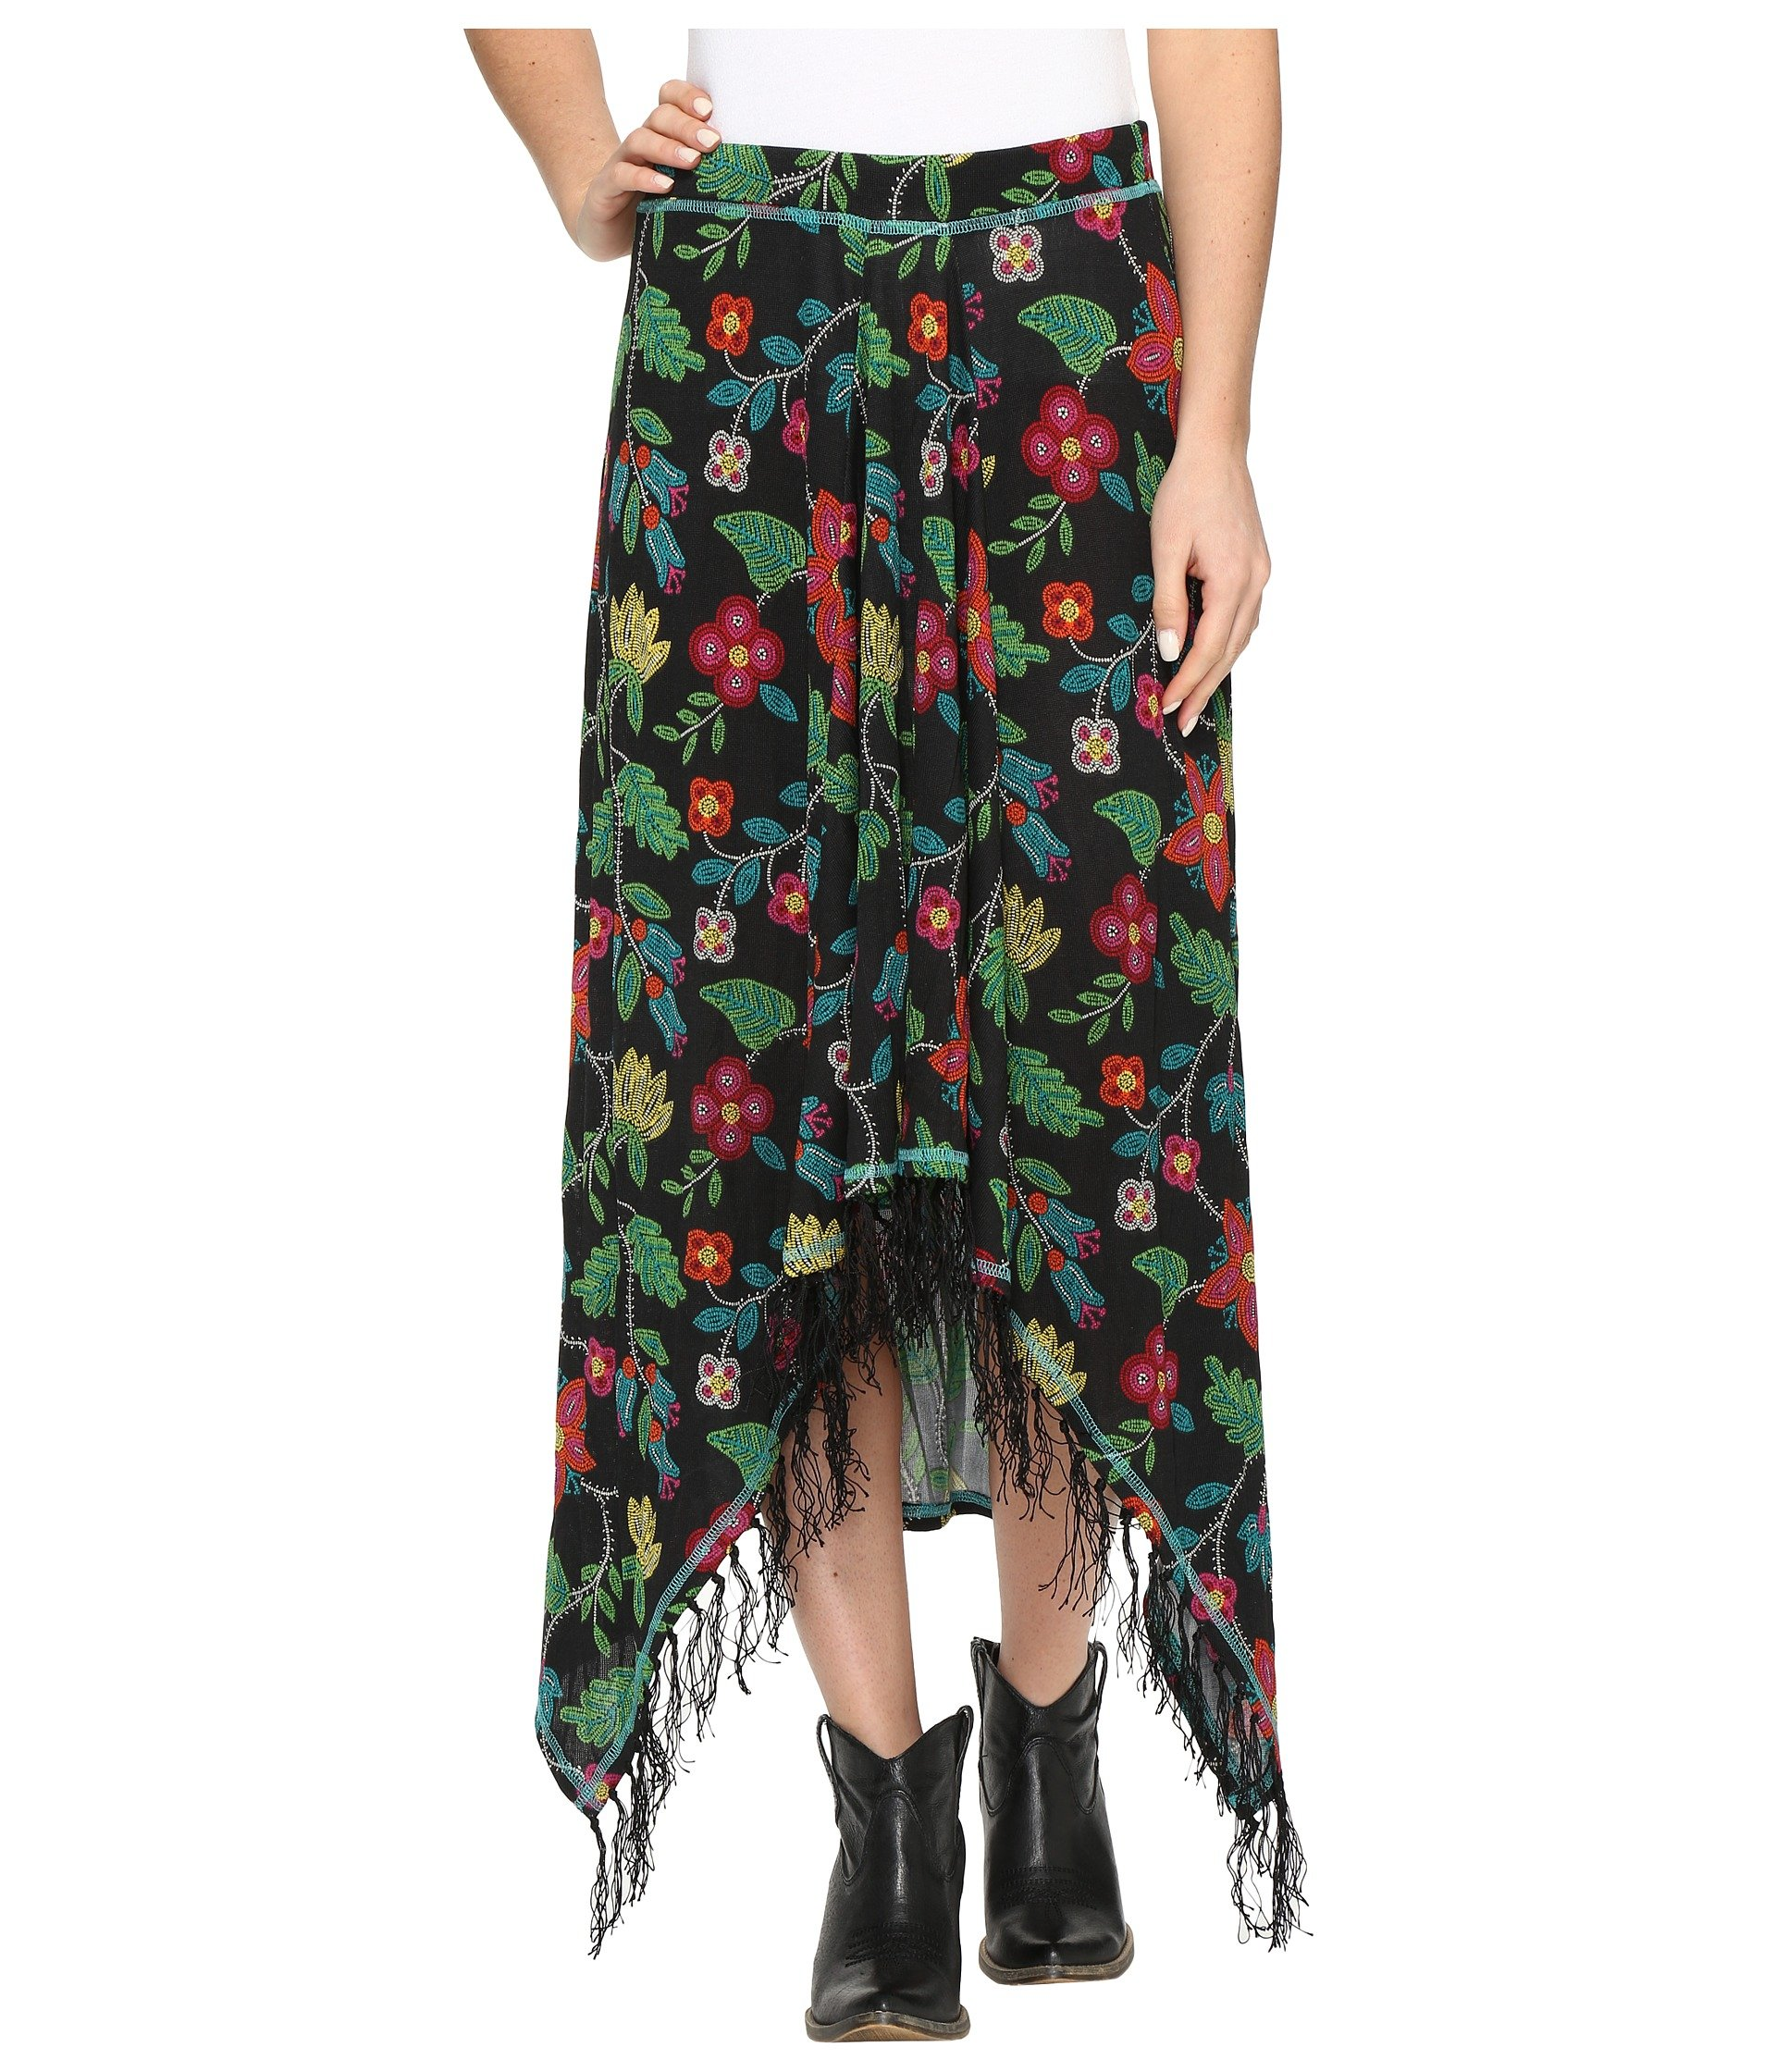 Falda para Mujer Double D Ranchwear Oji Skirt  + Double D Ranchwear en VeoyCompro.net